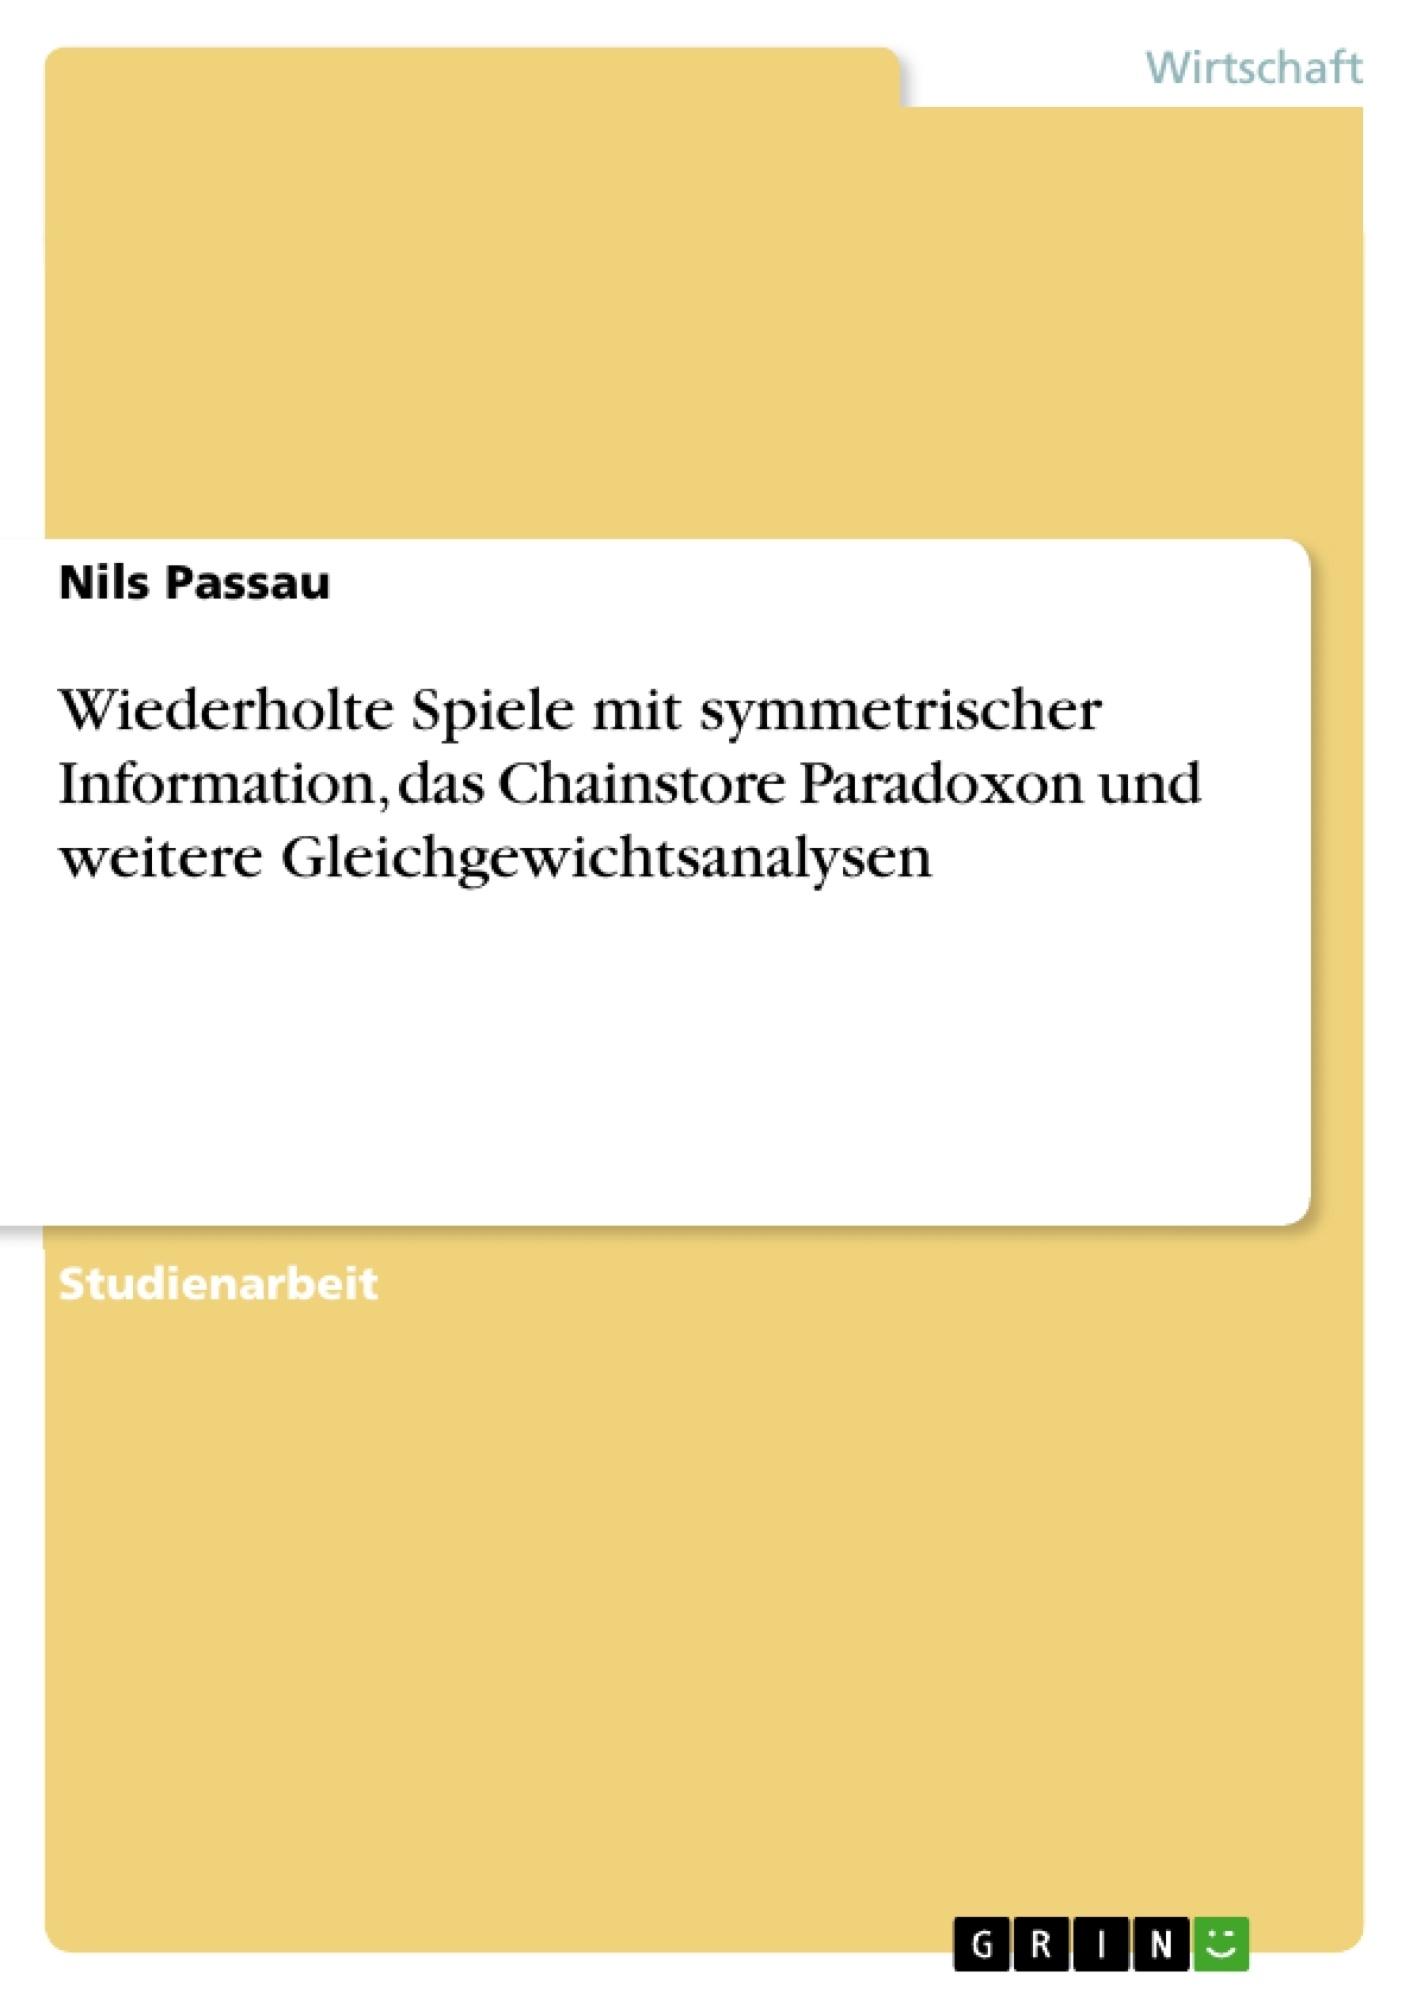 Titel: Wiederholte Spiele mit symmetrischer Information, das Chainstore Paradoxon und weitere Gleichgewichtsanalysen